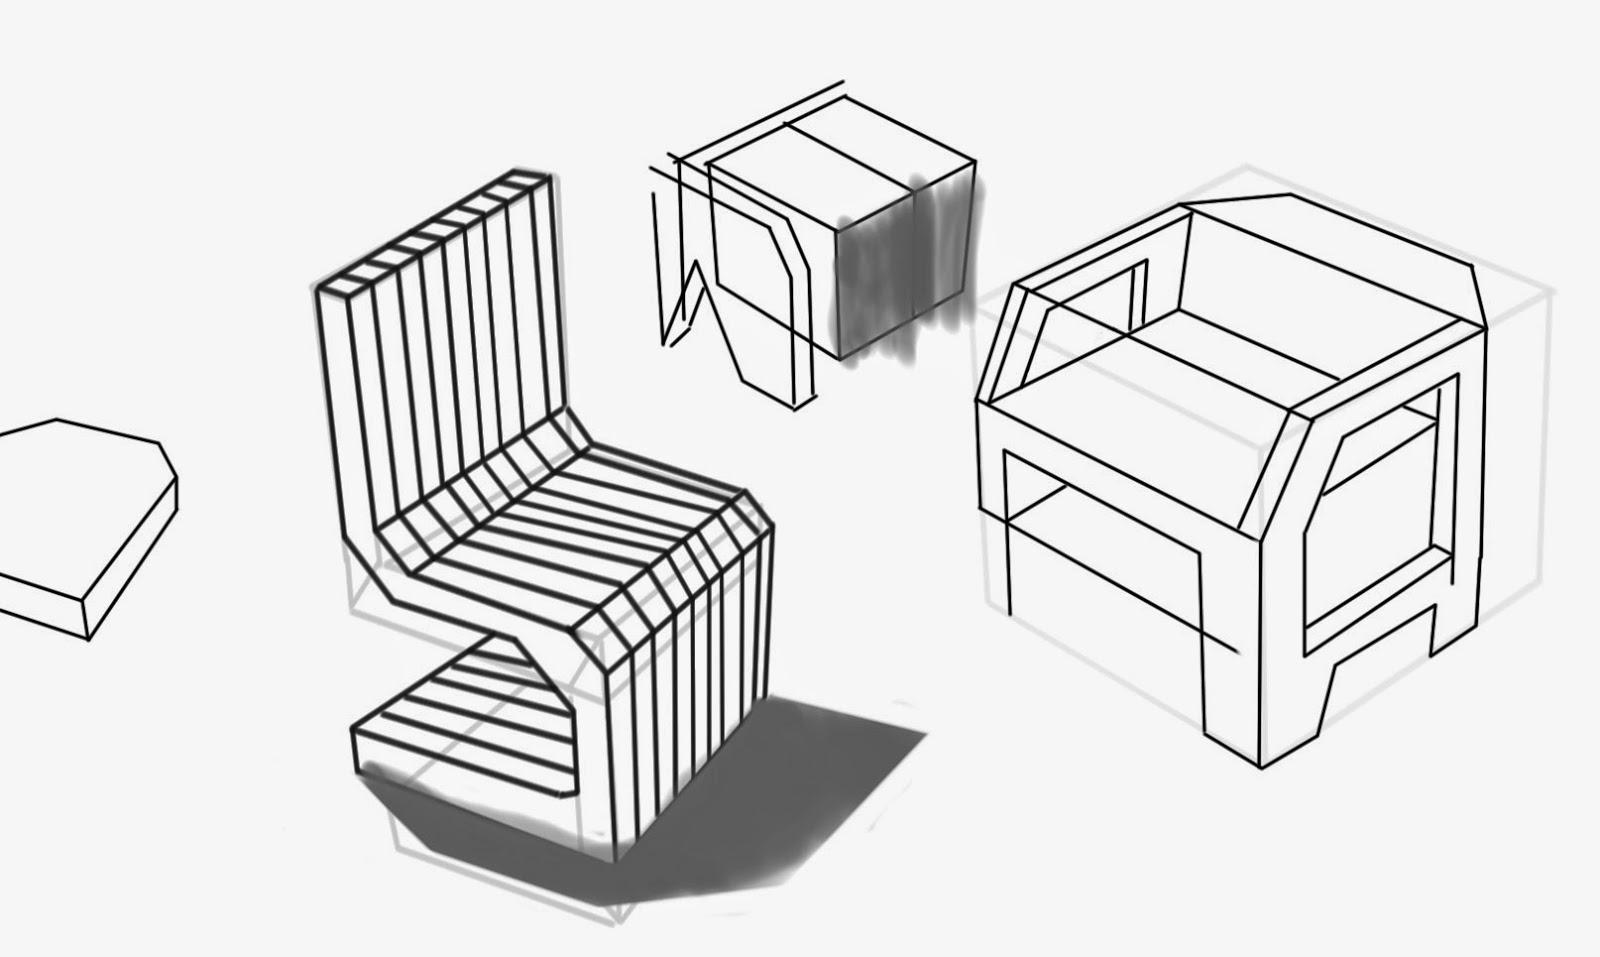 Es ketch bocetos r pidos de muebles furniture sketch for Trazos muebles